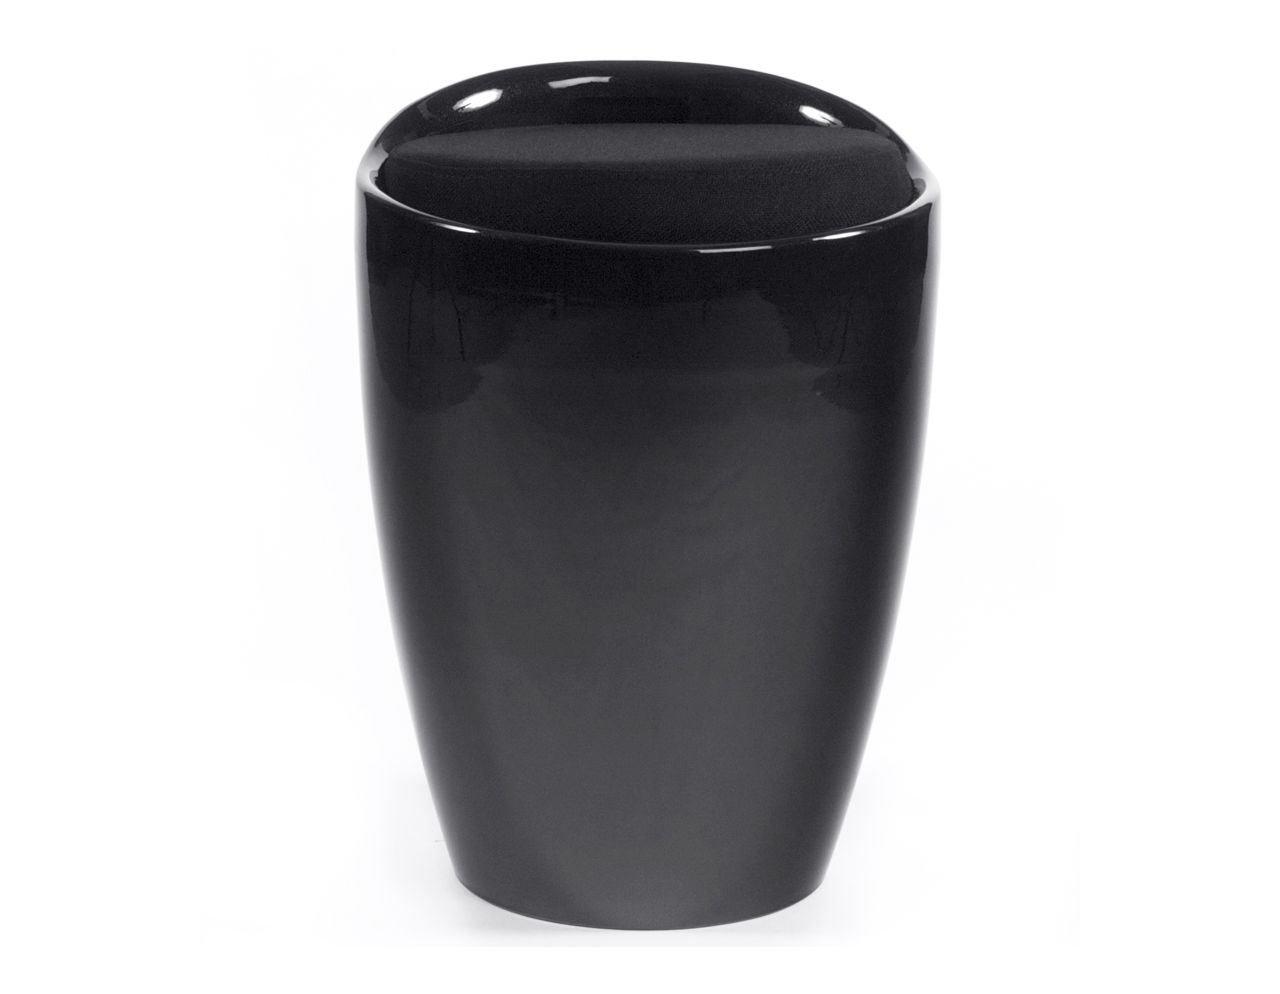 nuevo sádico negroKokoon Taburete Ese Tela blancoa Diseño - - - Taburetes  envío gratuito a nivel mundial